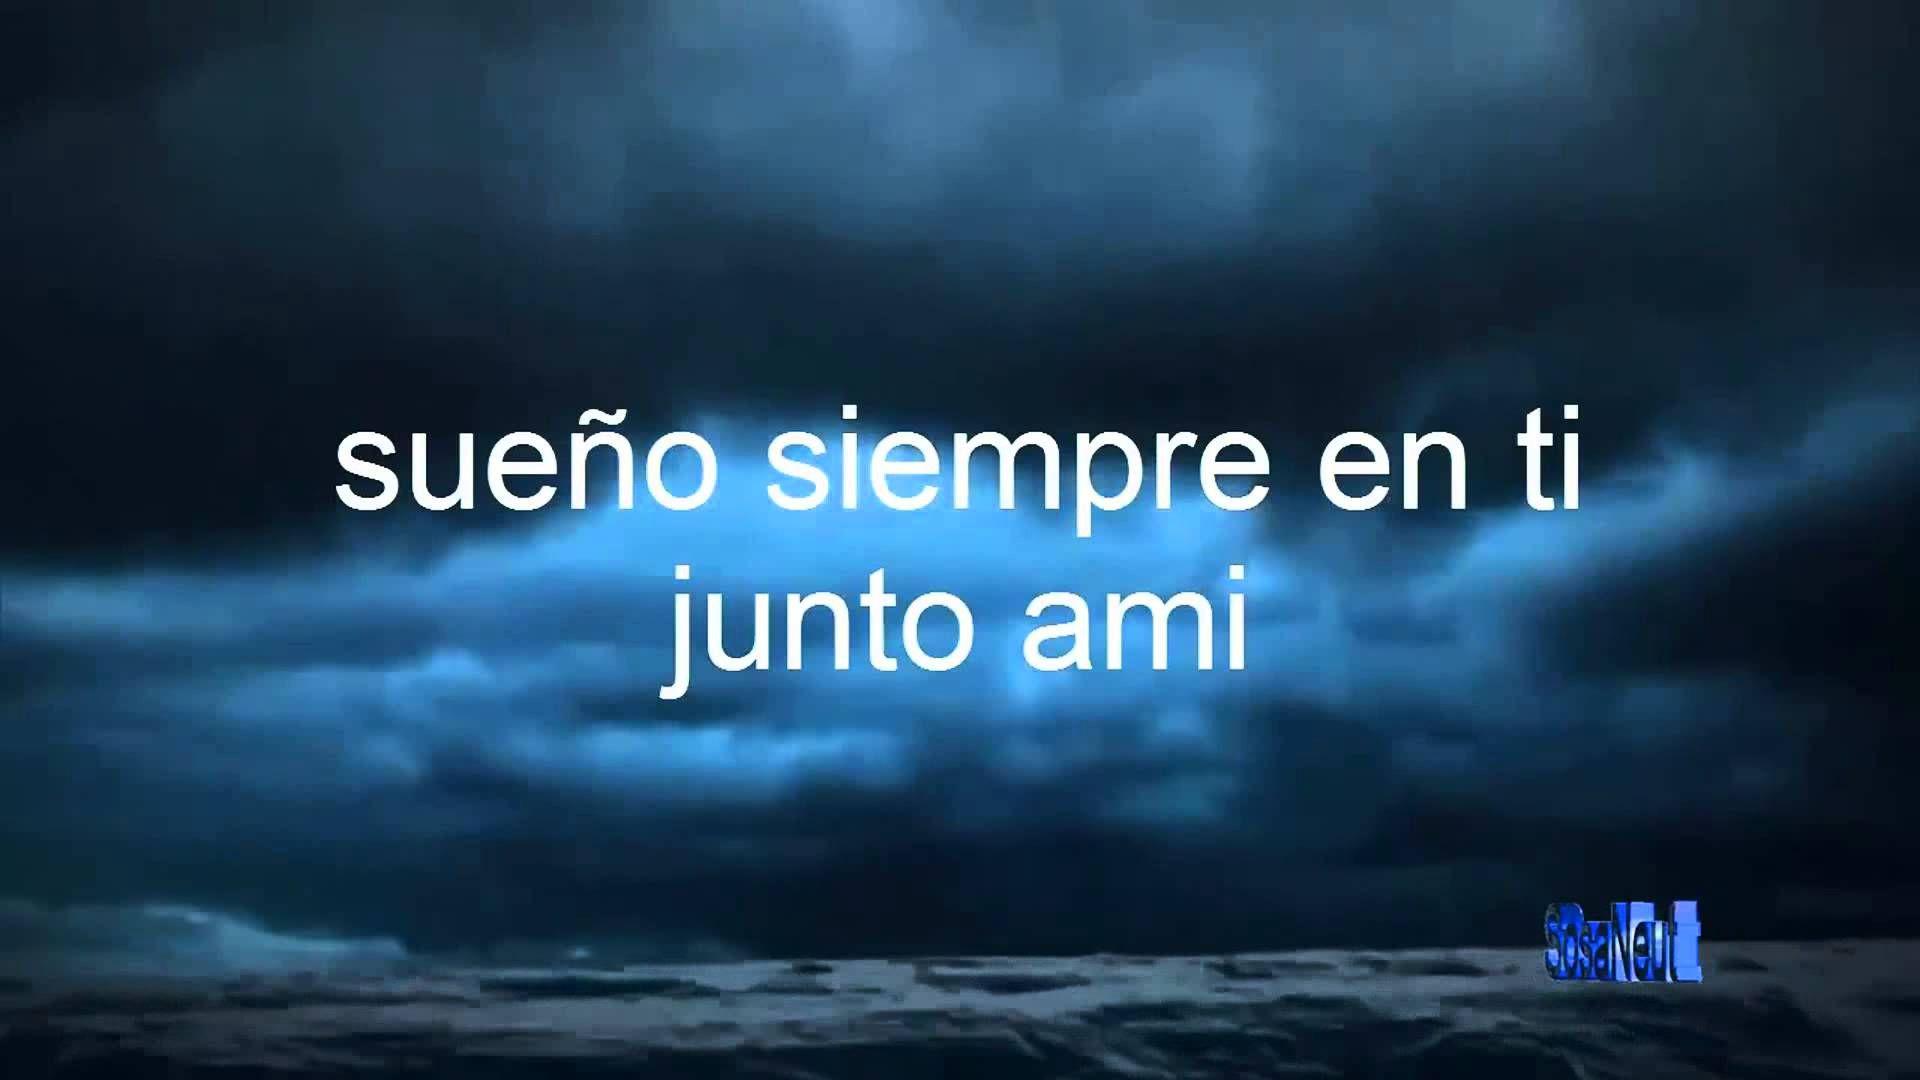 Ghost La Sombra Del Amor Grupo Indio Letra La Sombra Del Amor Amor Sombra